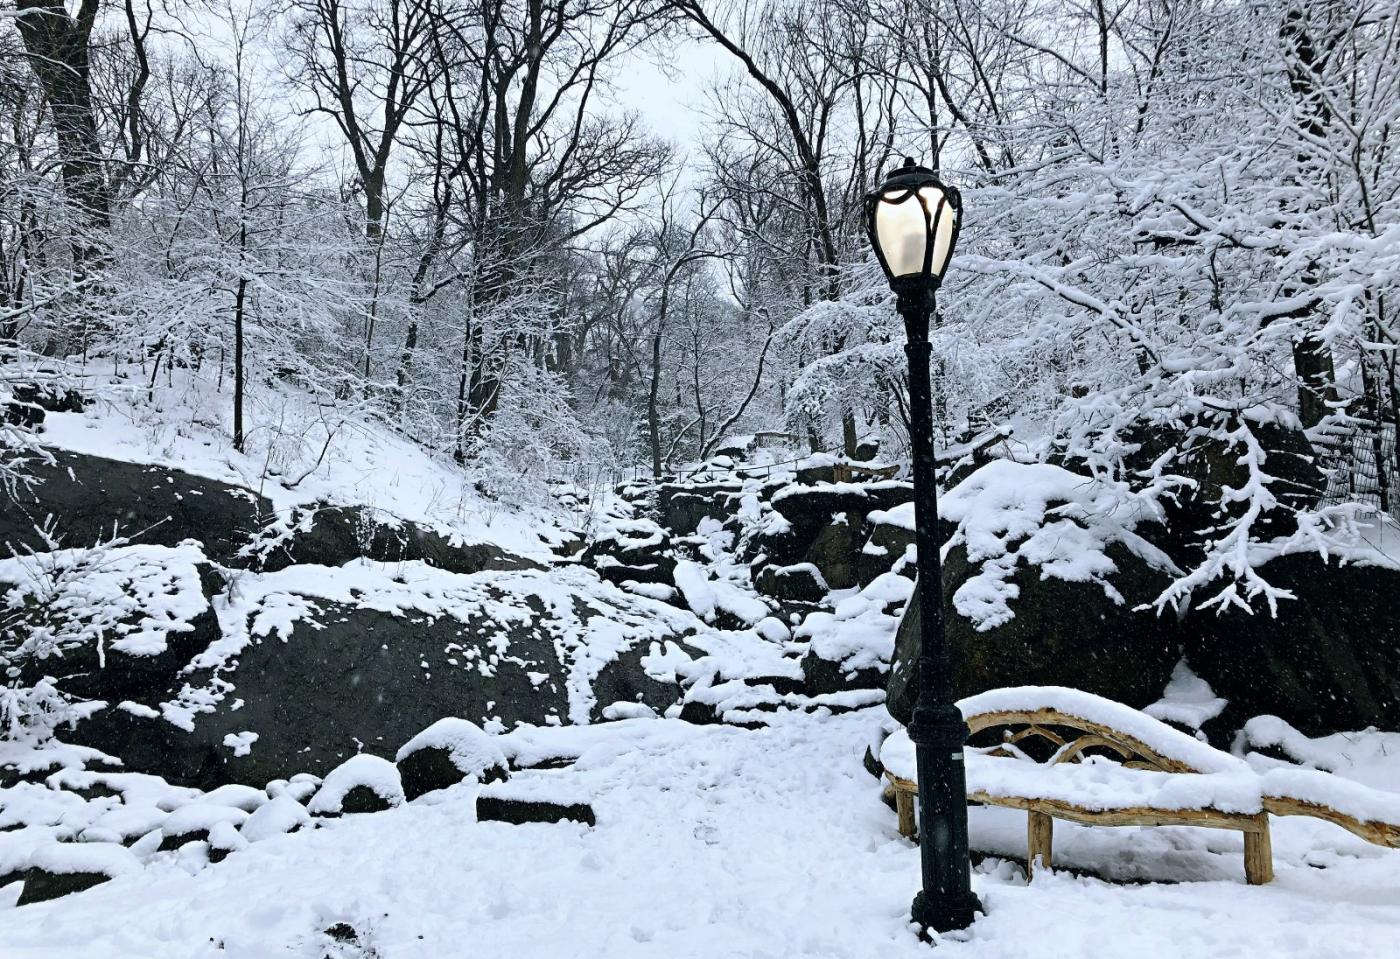 【田螺手机摄影】纽约雪景、还是中央公园最漂亮[二]_图1-17